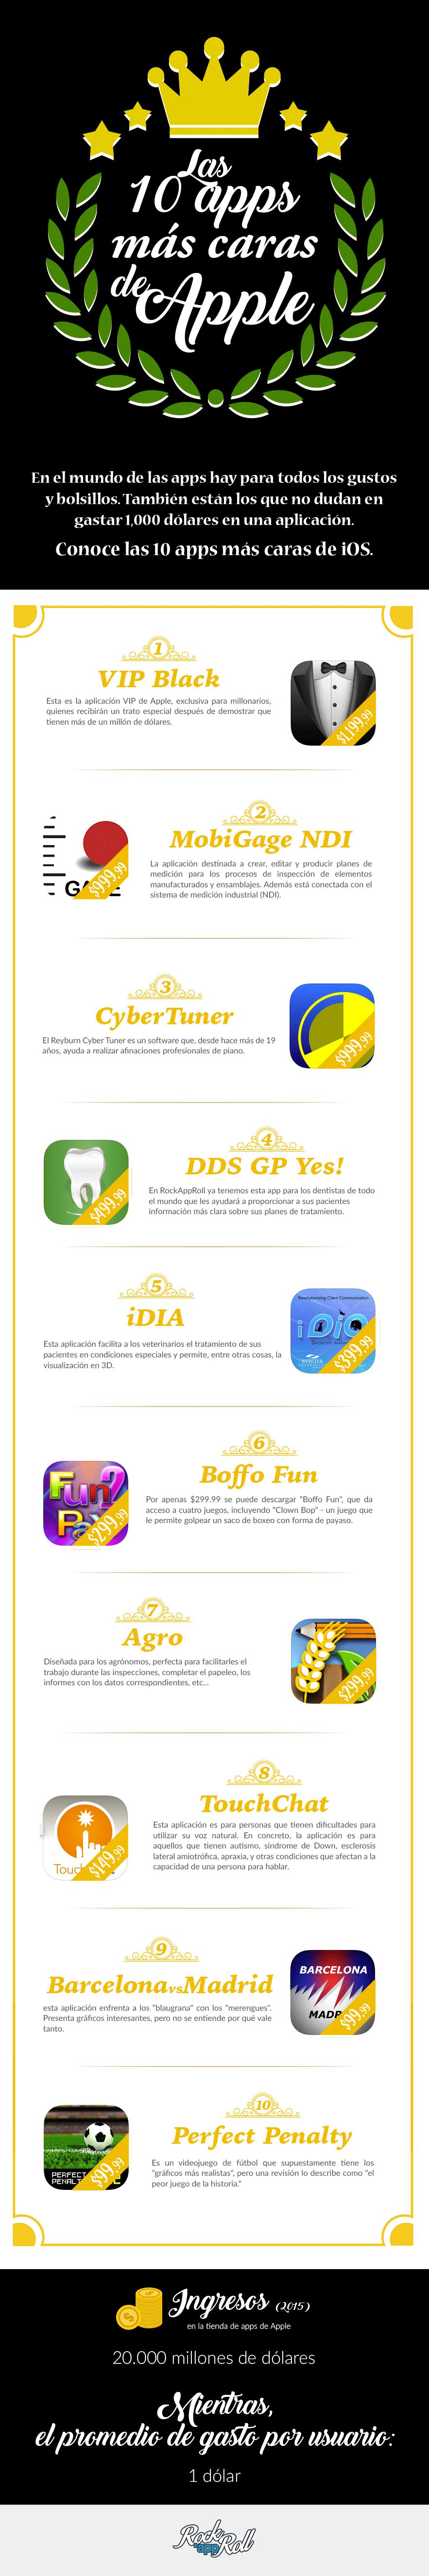 Apps más caras de iOS